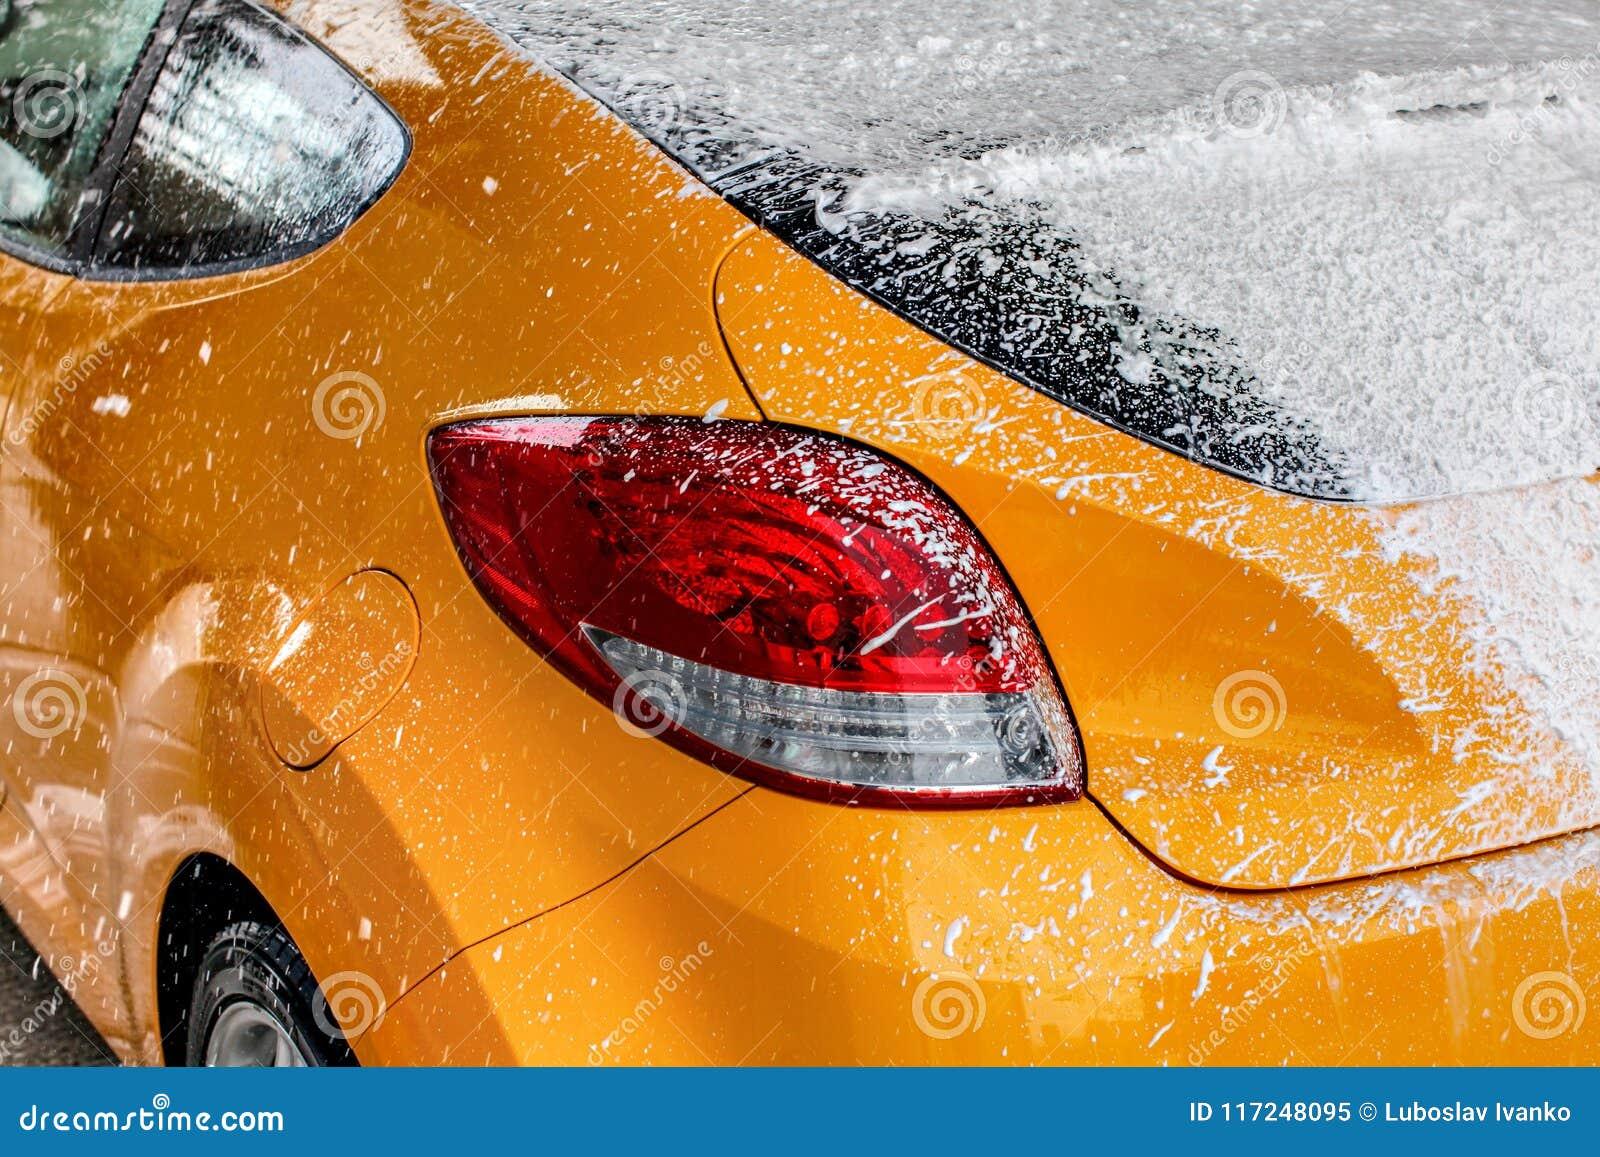 Gelbe Autoheckscheibe vollständig bedeckt mit starkem weißem shamp